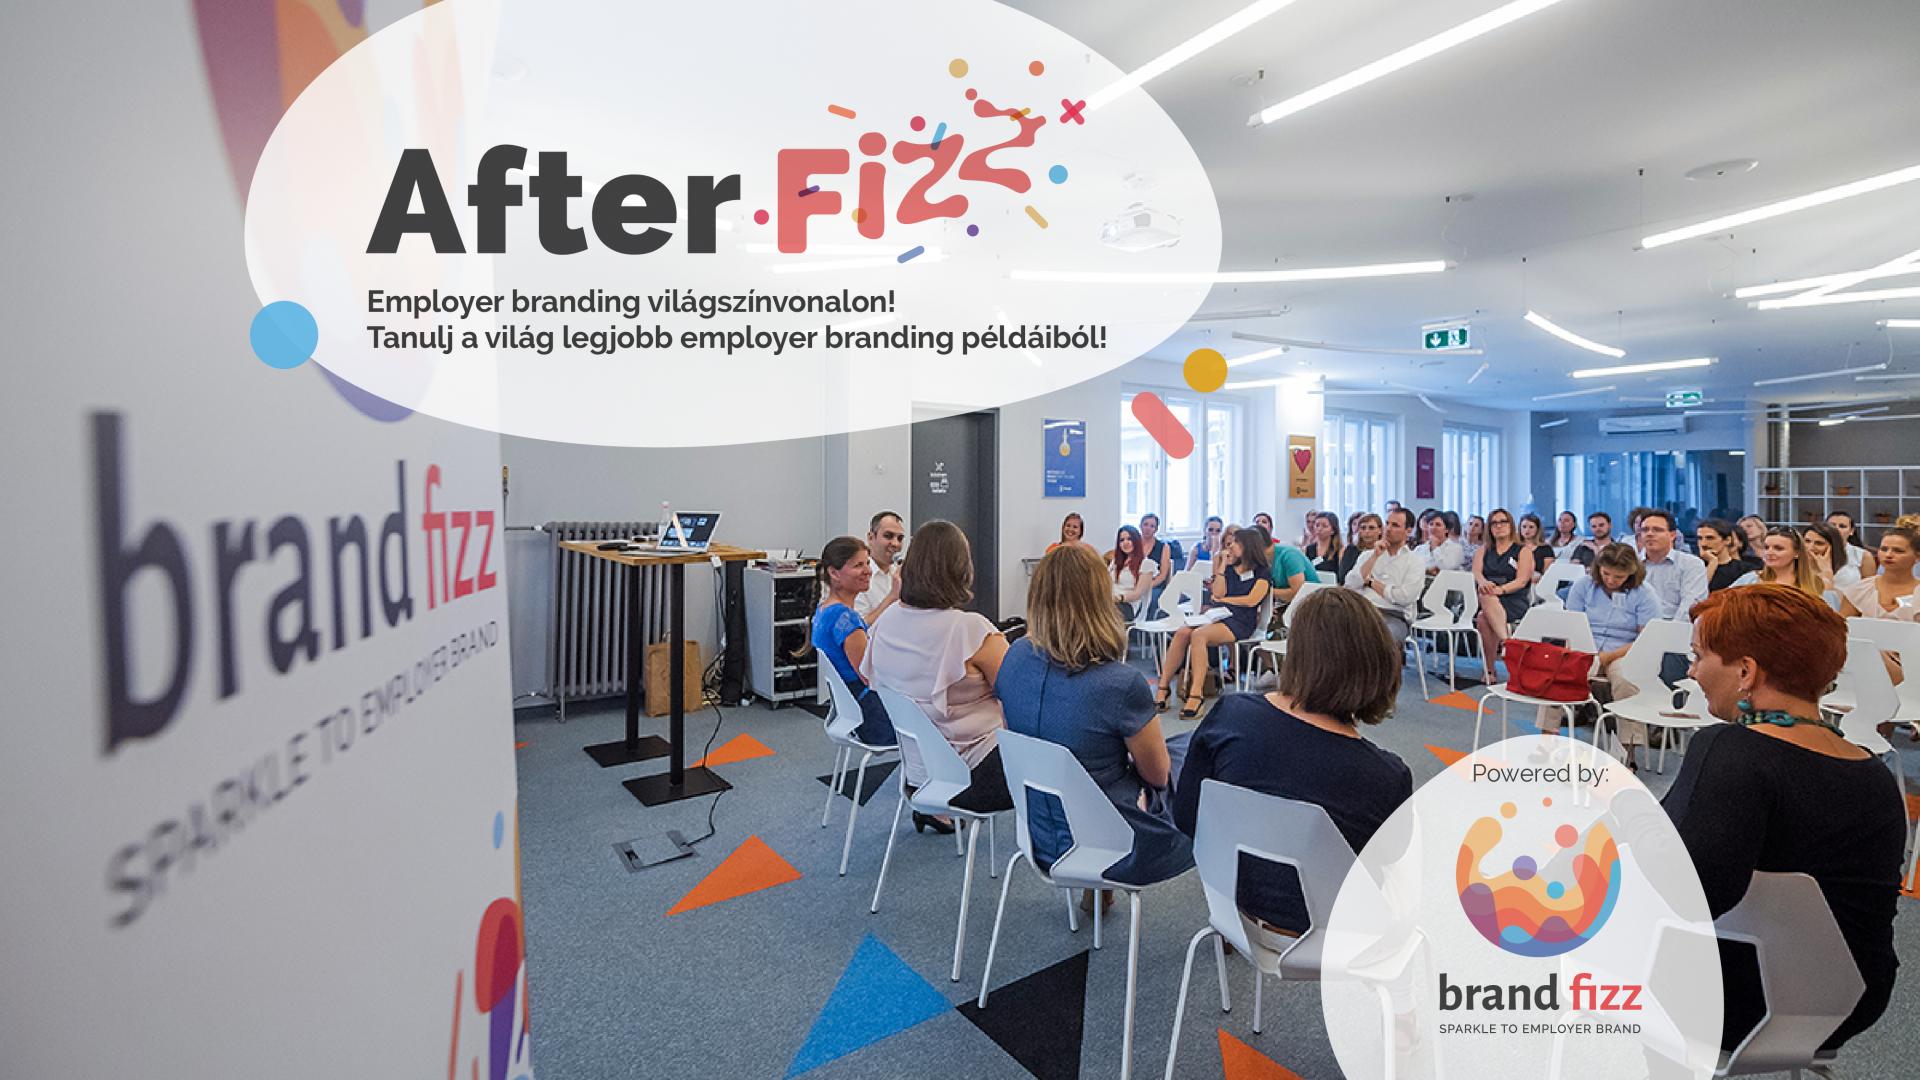 Afterfizz! Employer branding világszínvonalon! – 2018. május